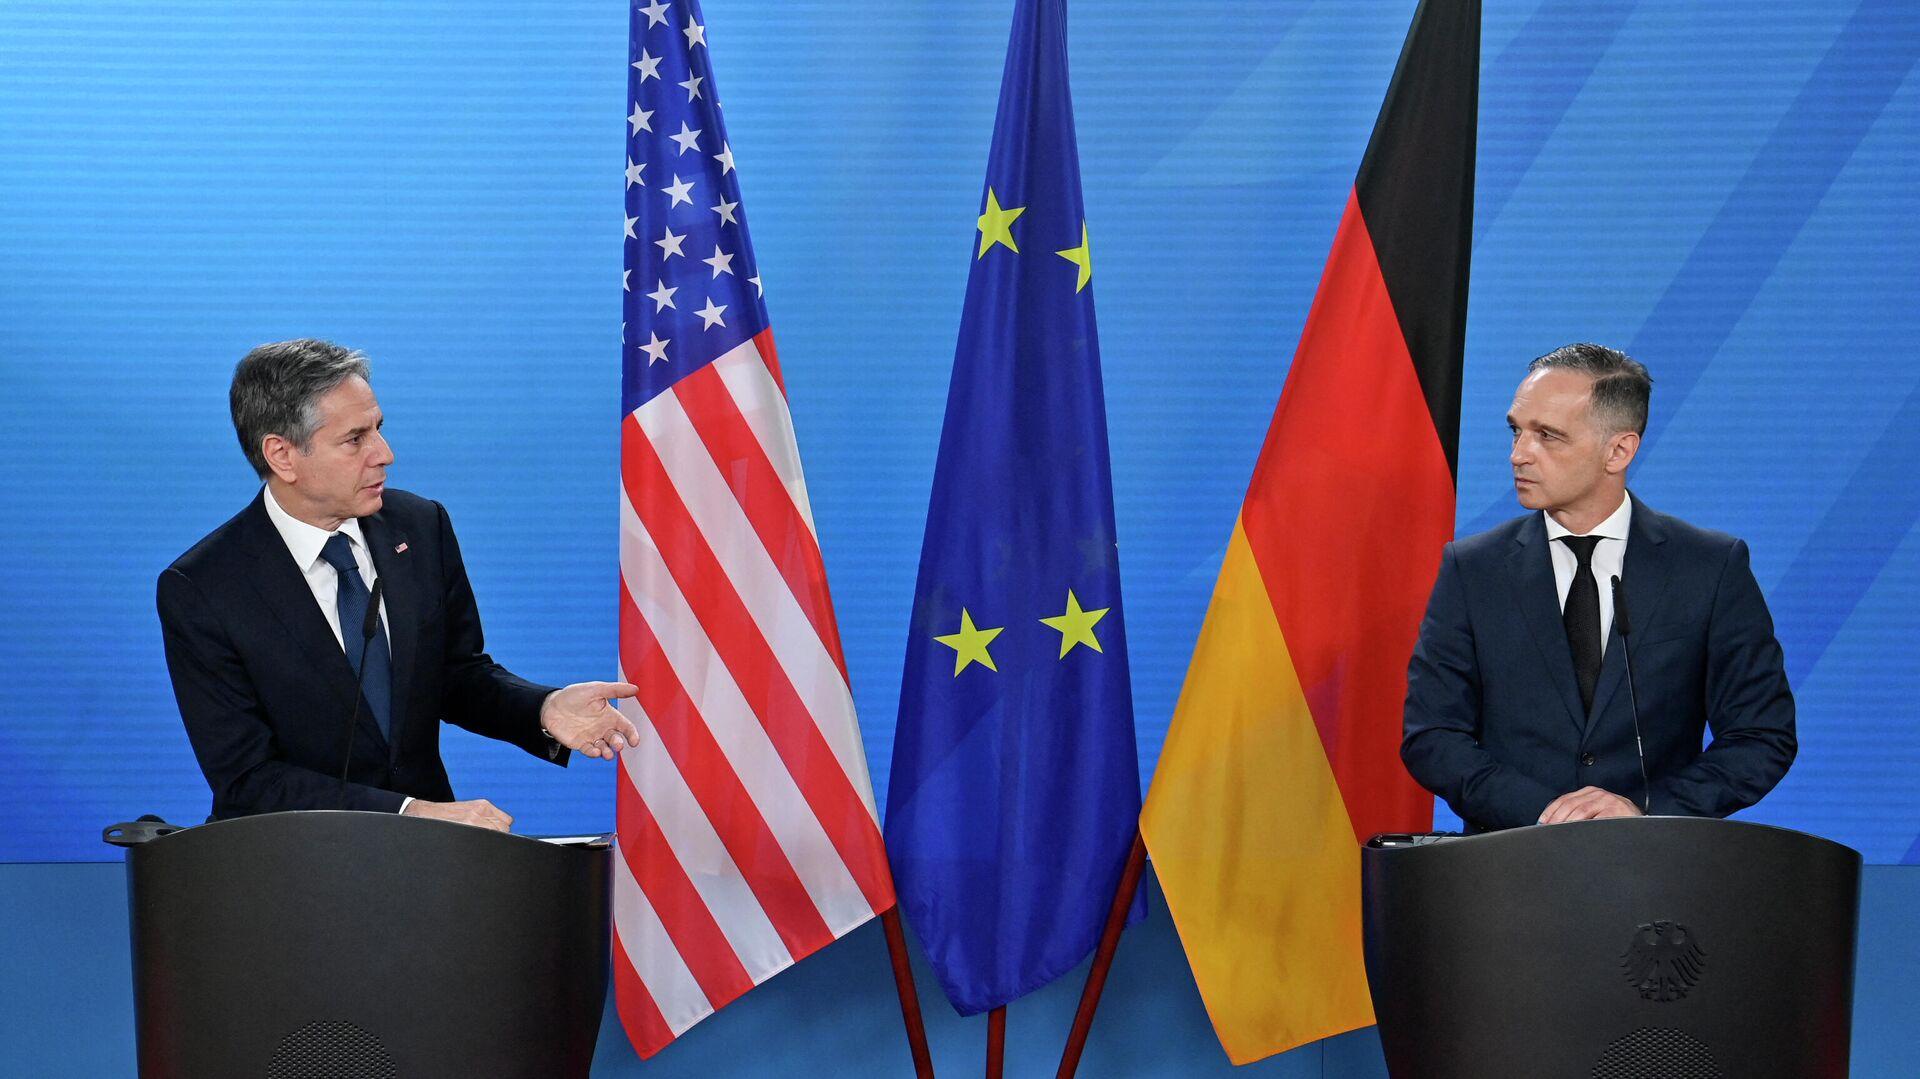 Bundesaußenminister Heiko Maas (R) und US-Außenminister Antony Blinken sprechen nach Gesprächen im Auswärtigen Amt in Berlin am 23. Juni 2021 auf einer gemeinsamen Pressekonferenz. - SNA, 1920, 23.06.2021